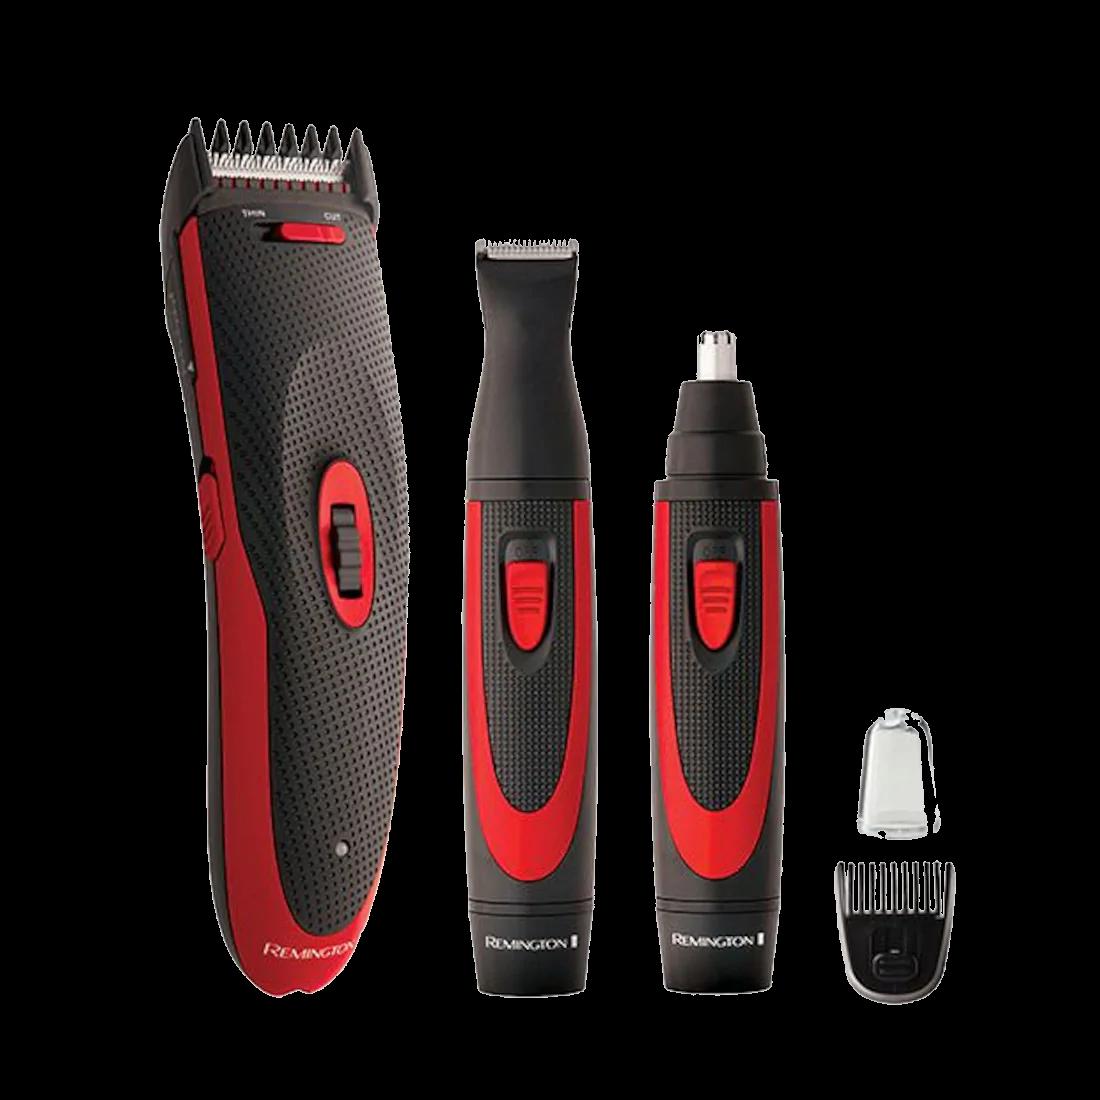 Remington Power Pro Kit: Cordless Hair Clipper, Trimmer, Nose & Ear Trimmer - HC9000AU